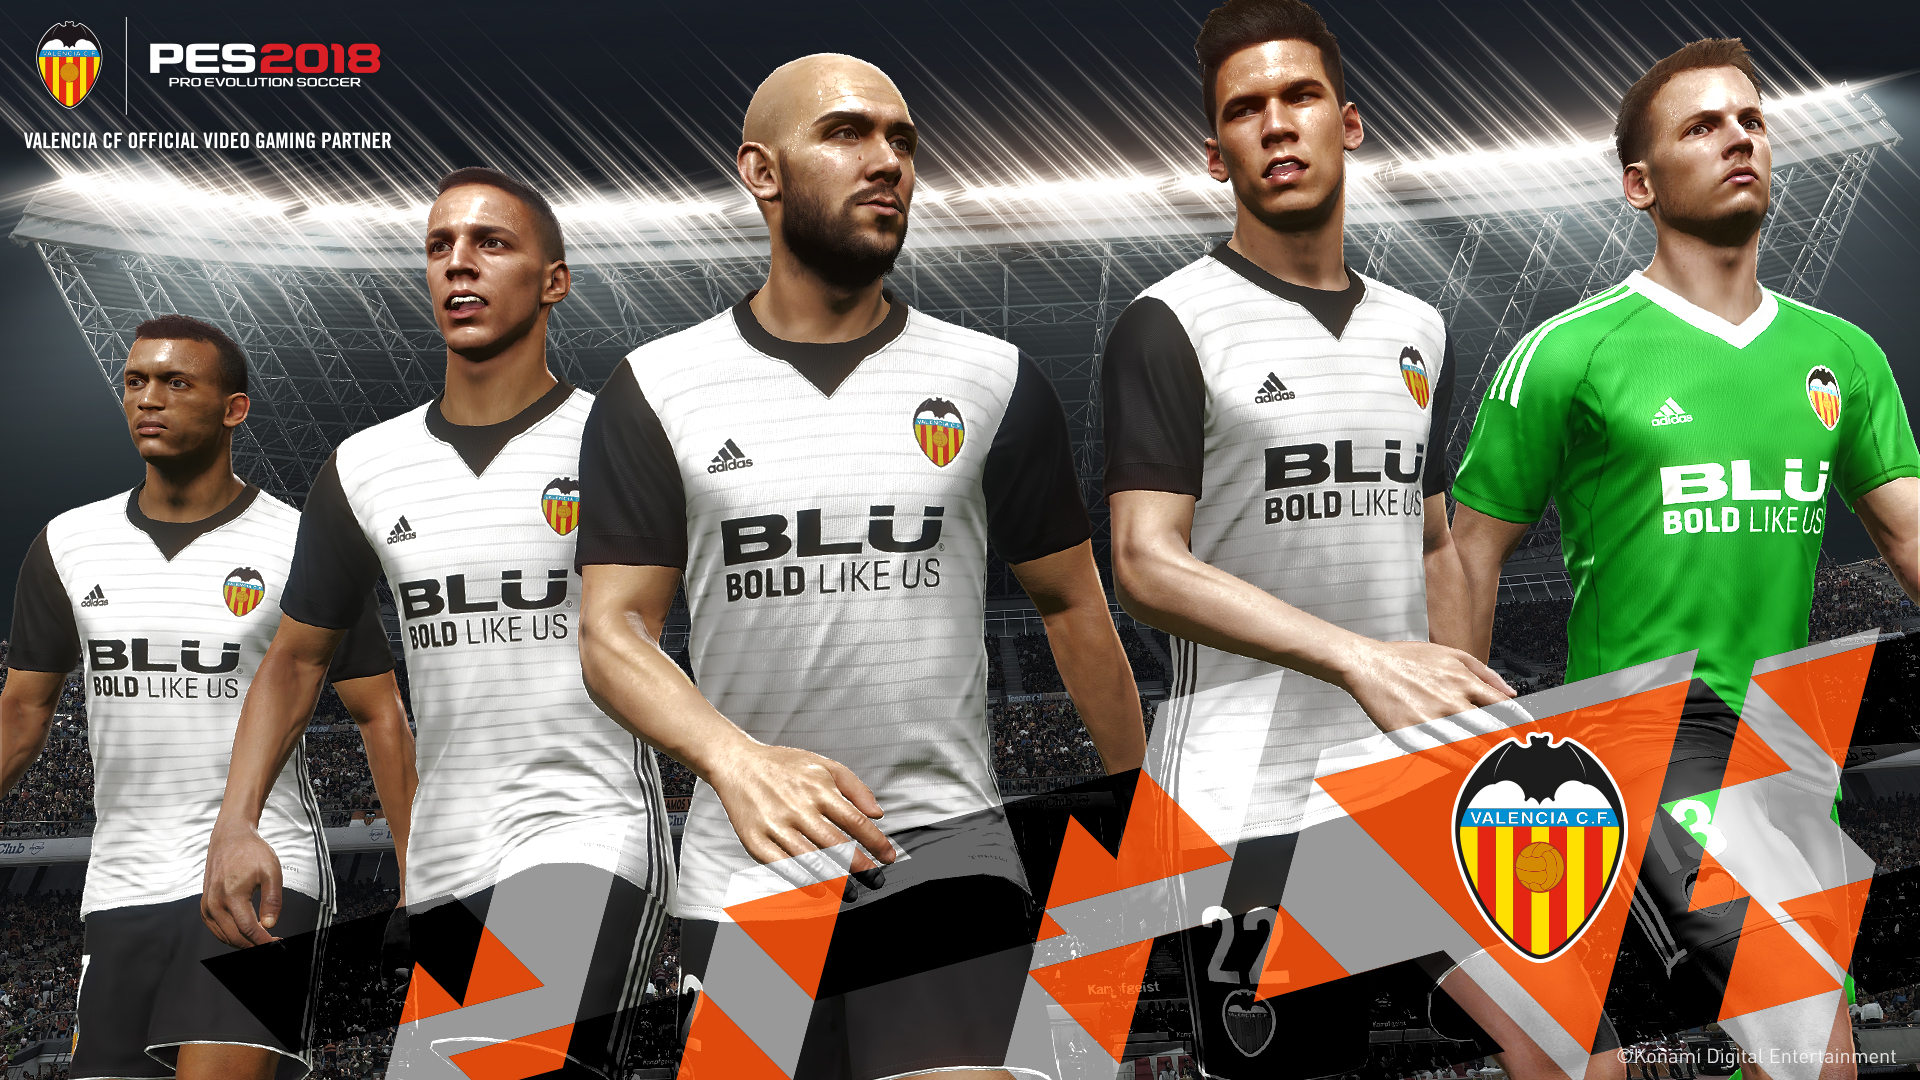 Pro Evolution Soccer 2018, Konami annuncia una partnership con il Valencia CF